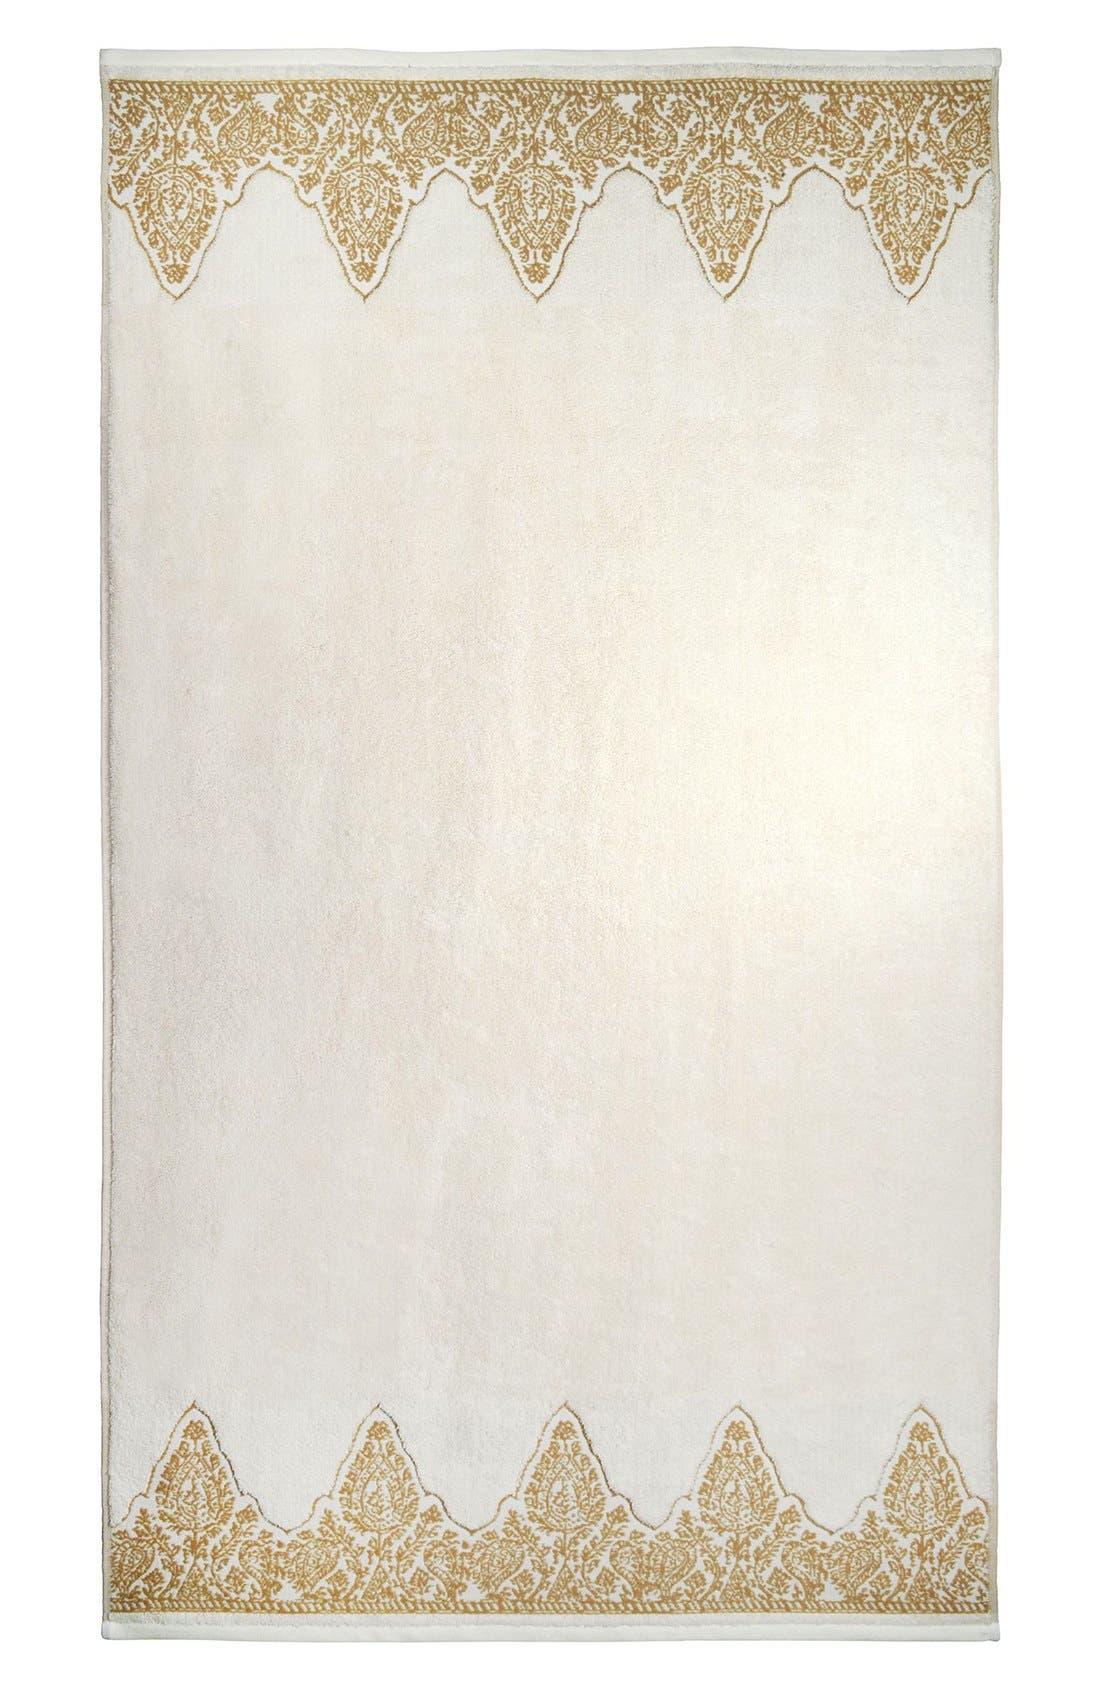 John Robshaw 'Nadir' Bath Towel